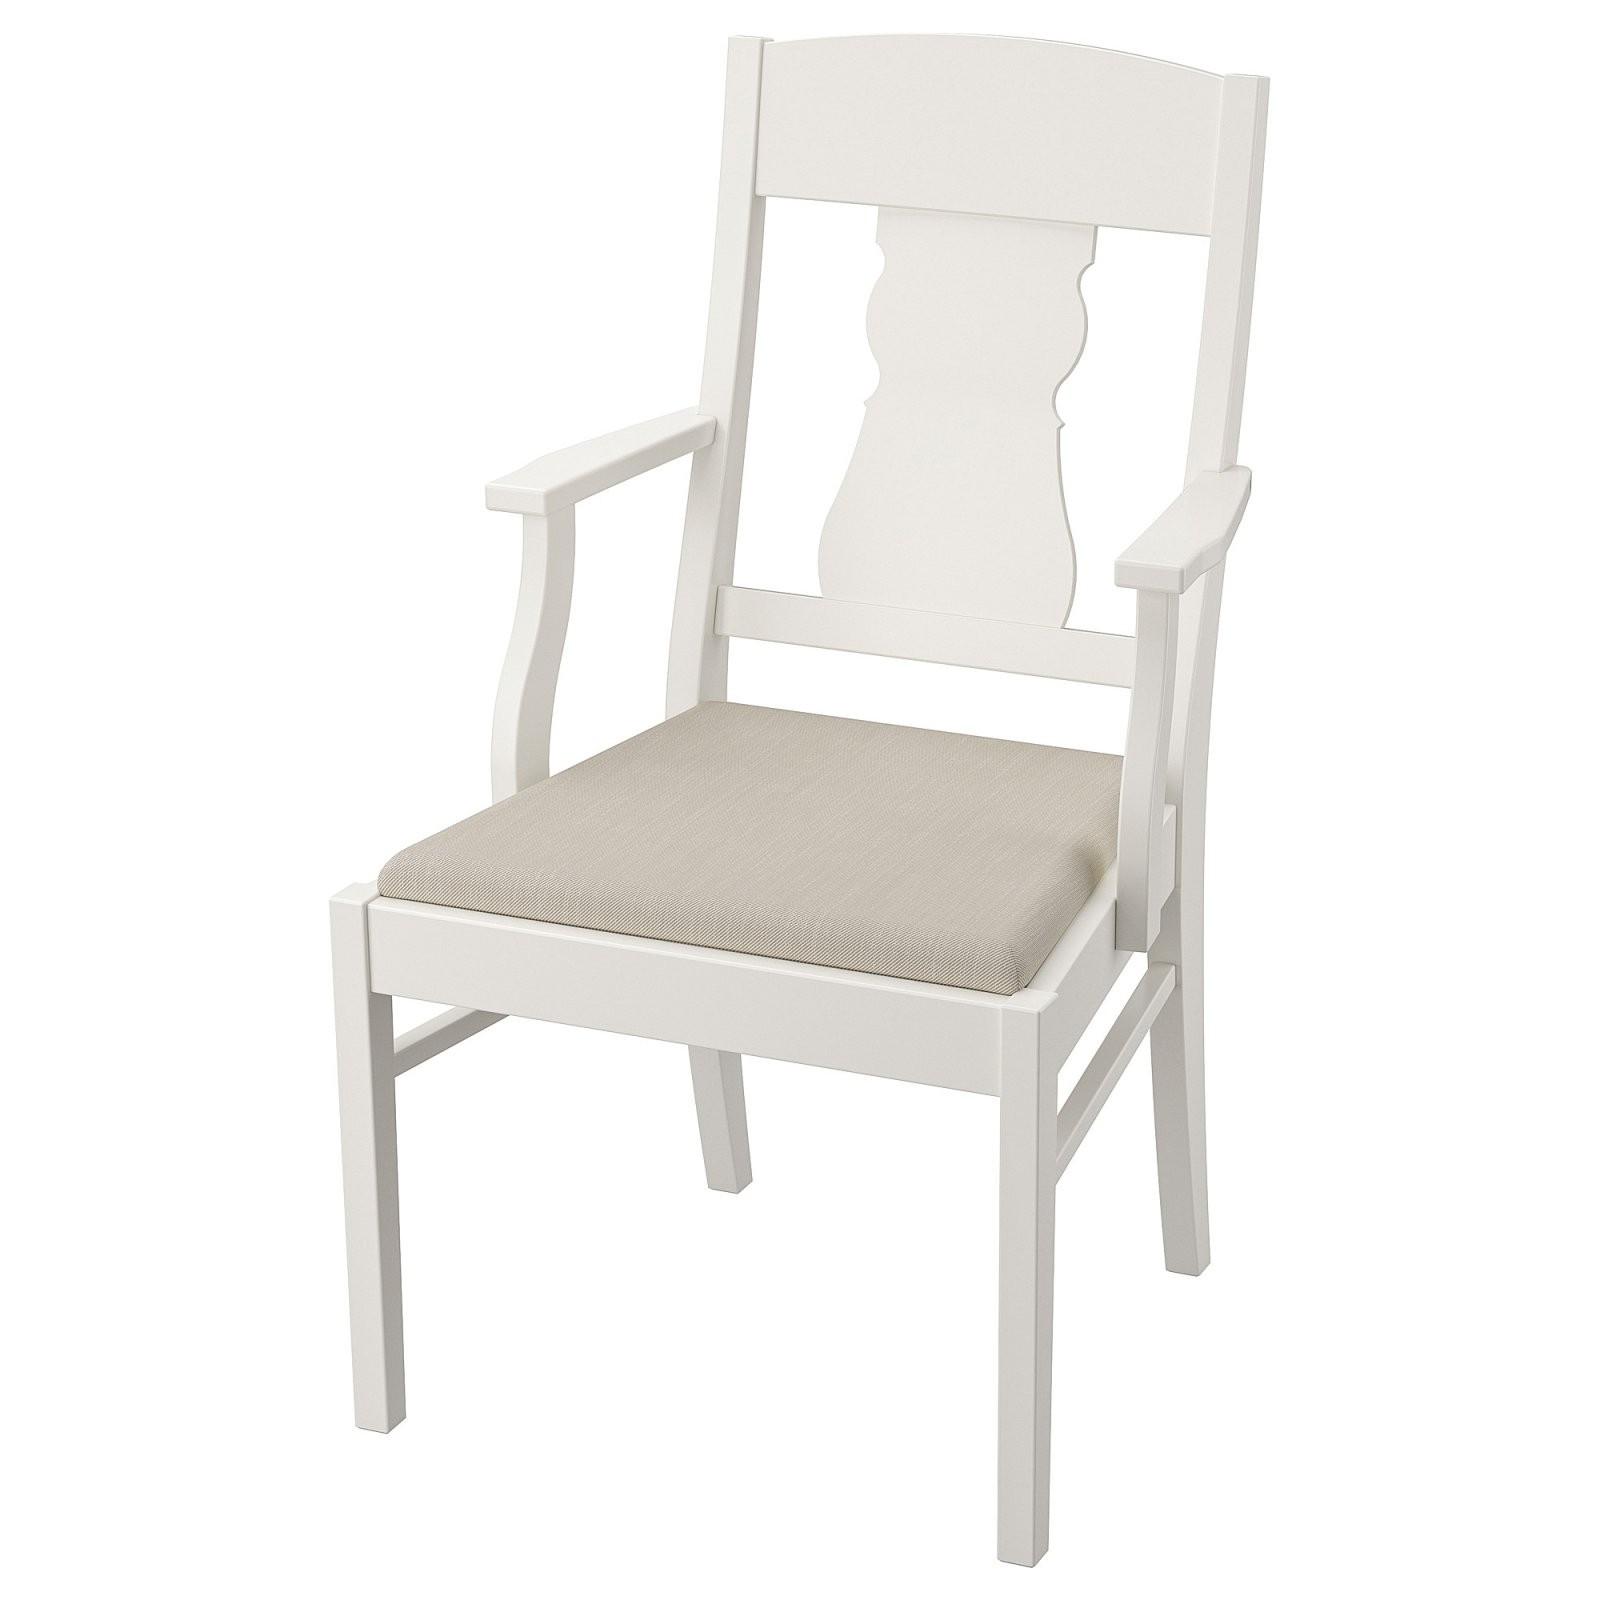 Ingatorp Armlehnstuhl  Weiß Nordvalla Beige  Ikea von Ikea Stühle Mit Armlehne Photo